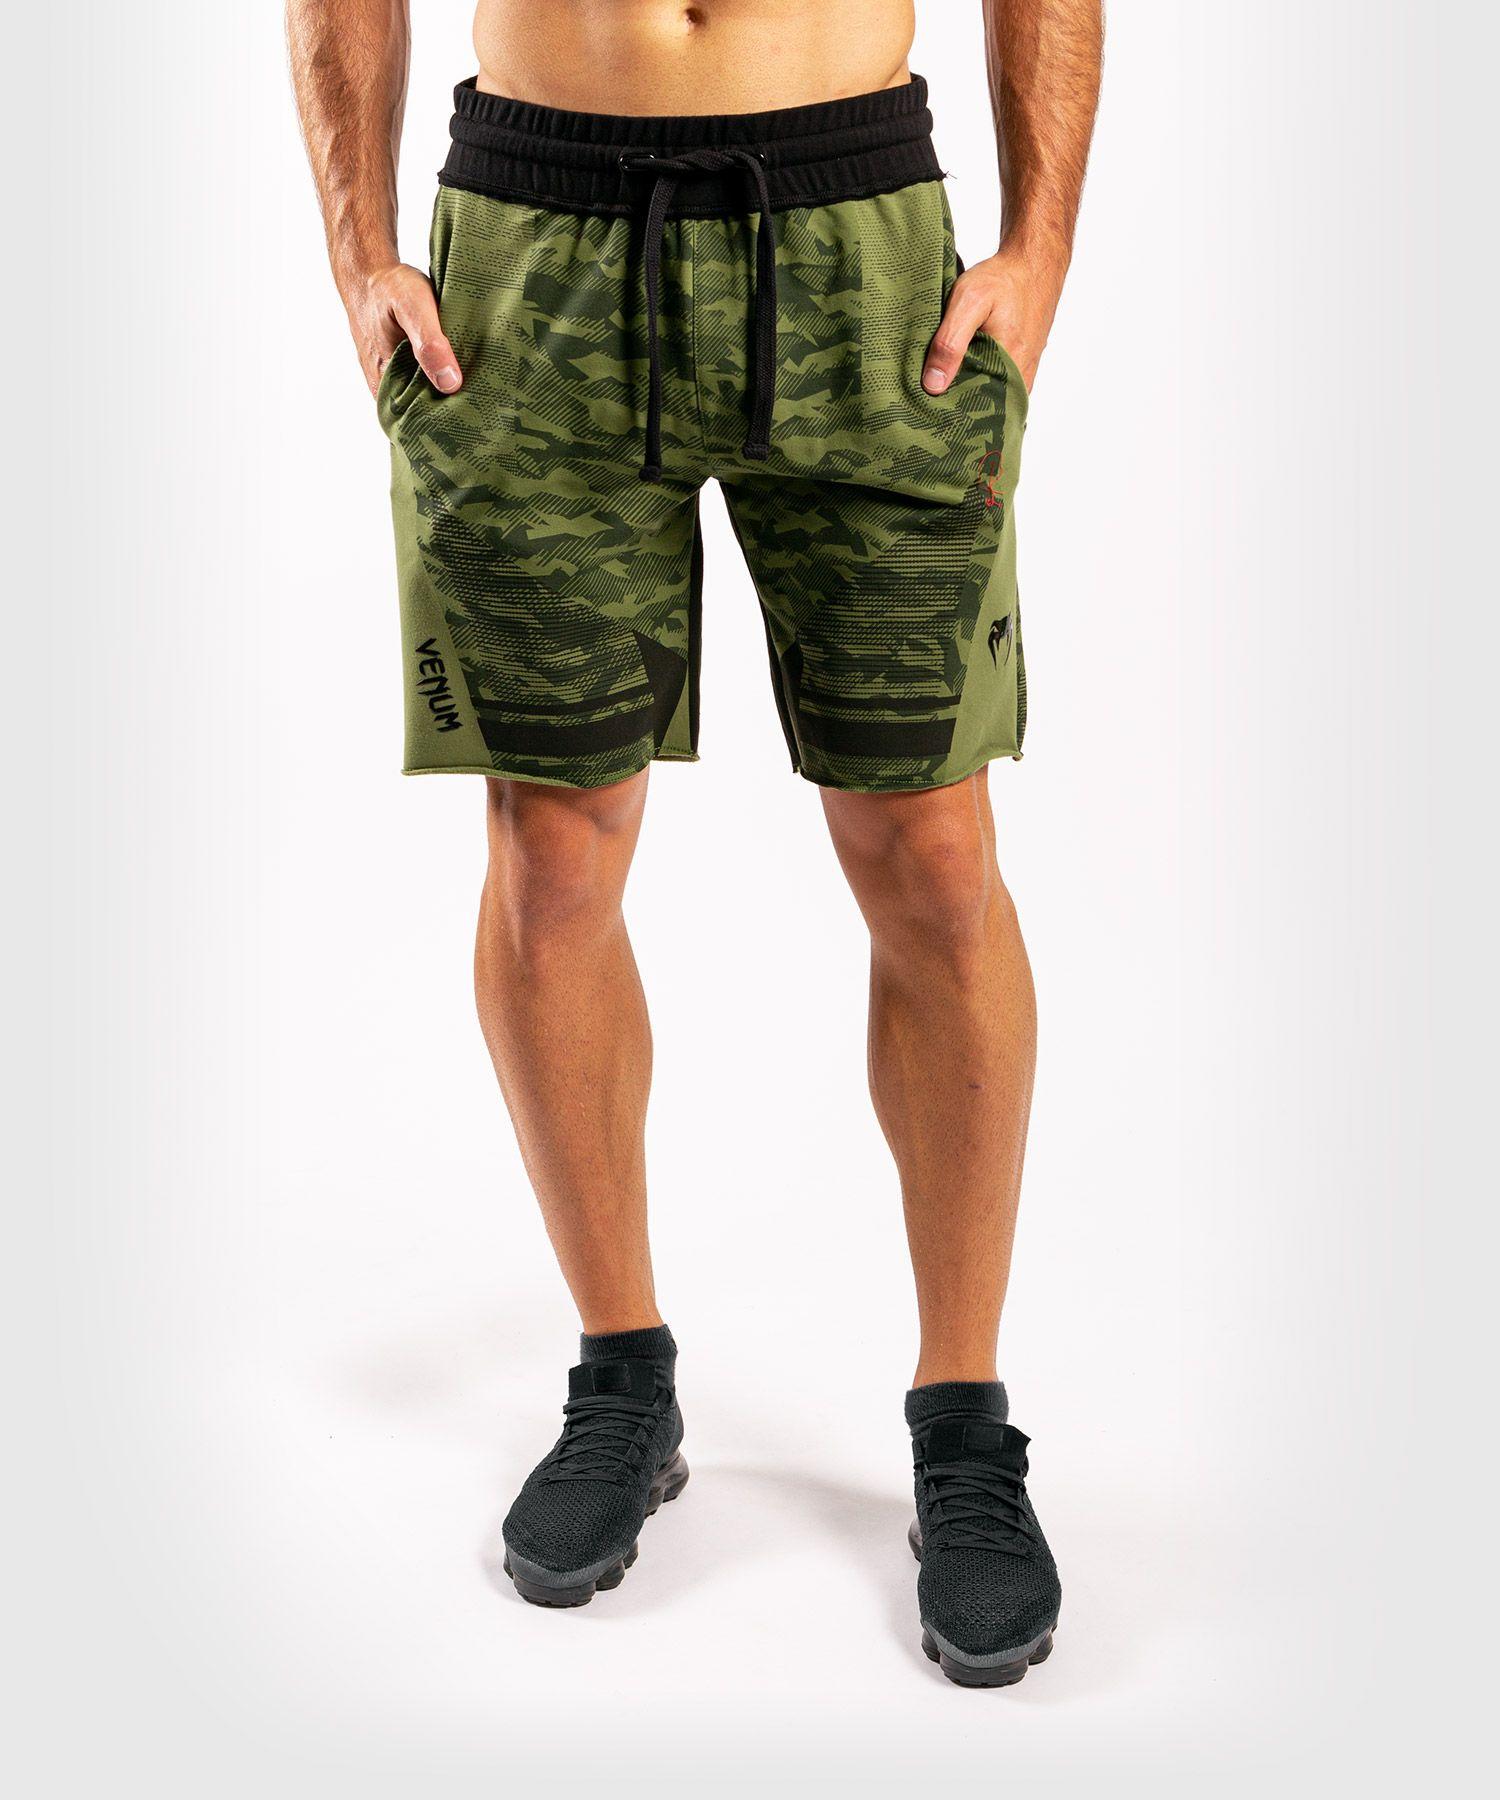 Хлопковые шорты Venum Trooper - Лесной камуфляж/ Черный